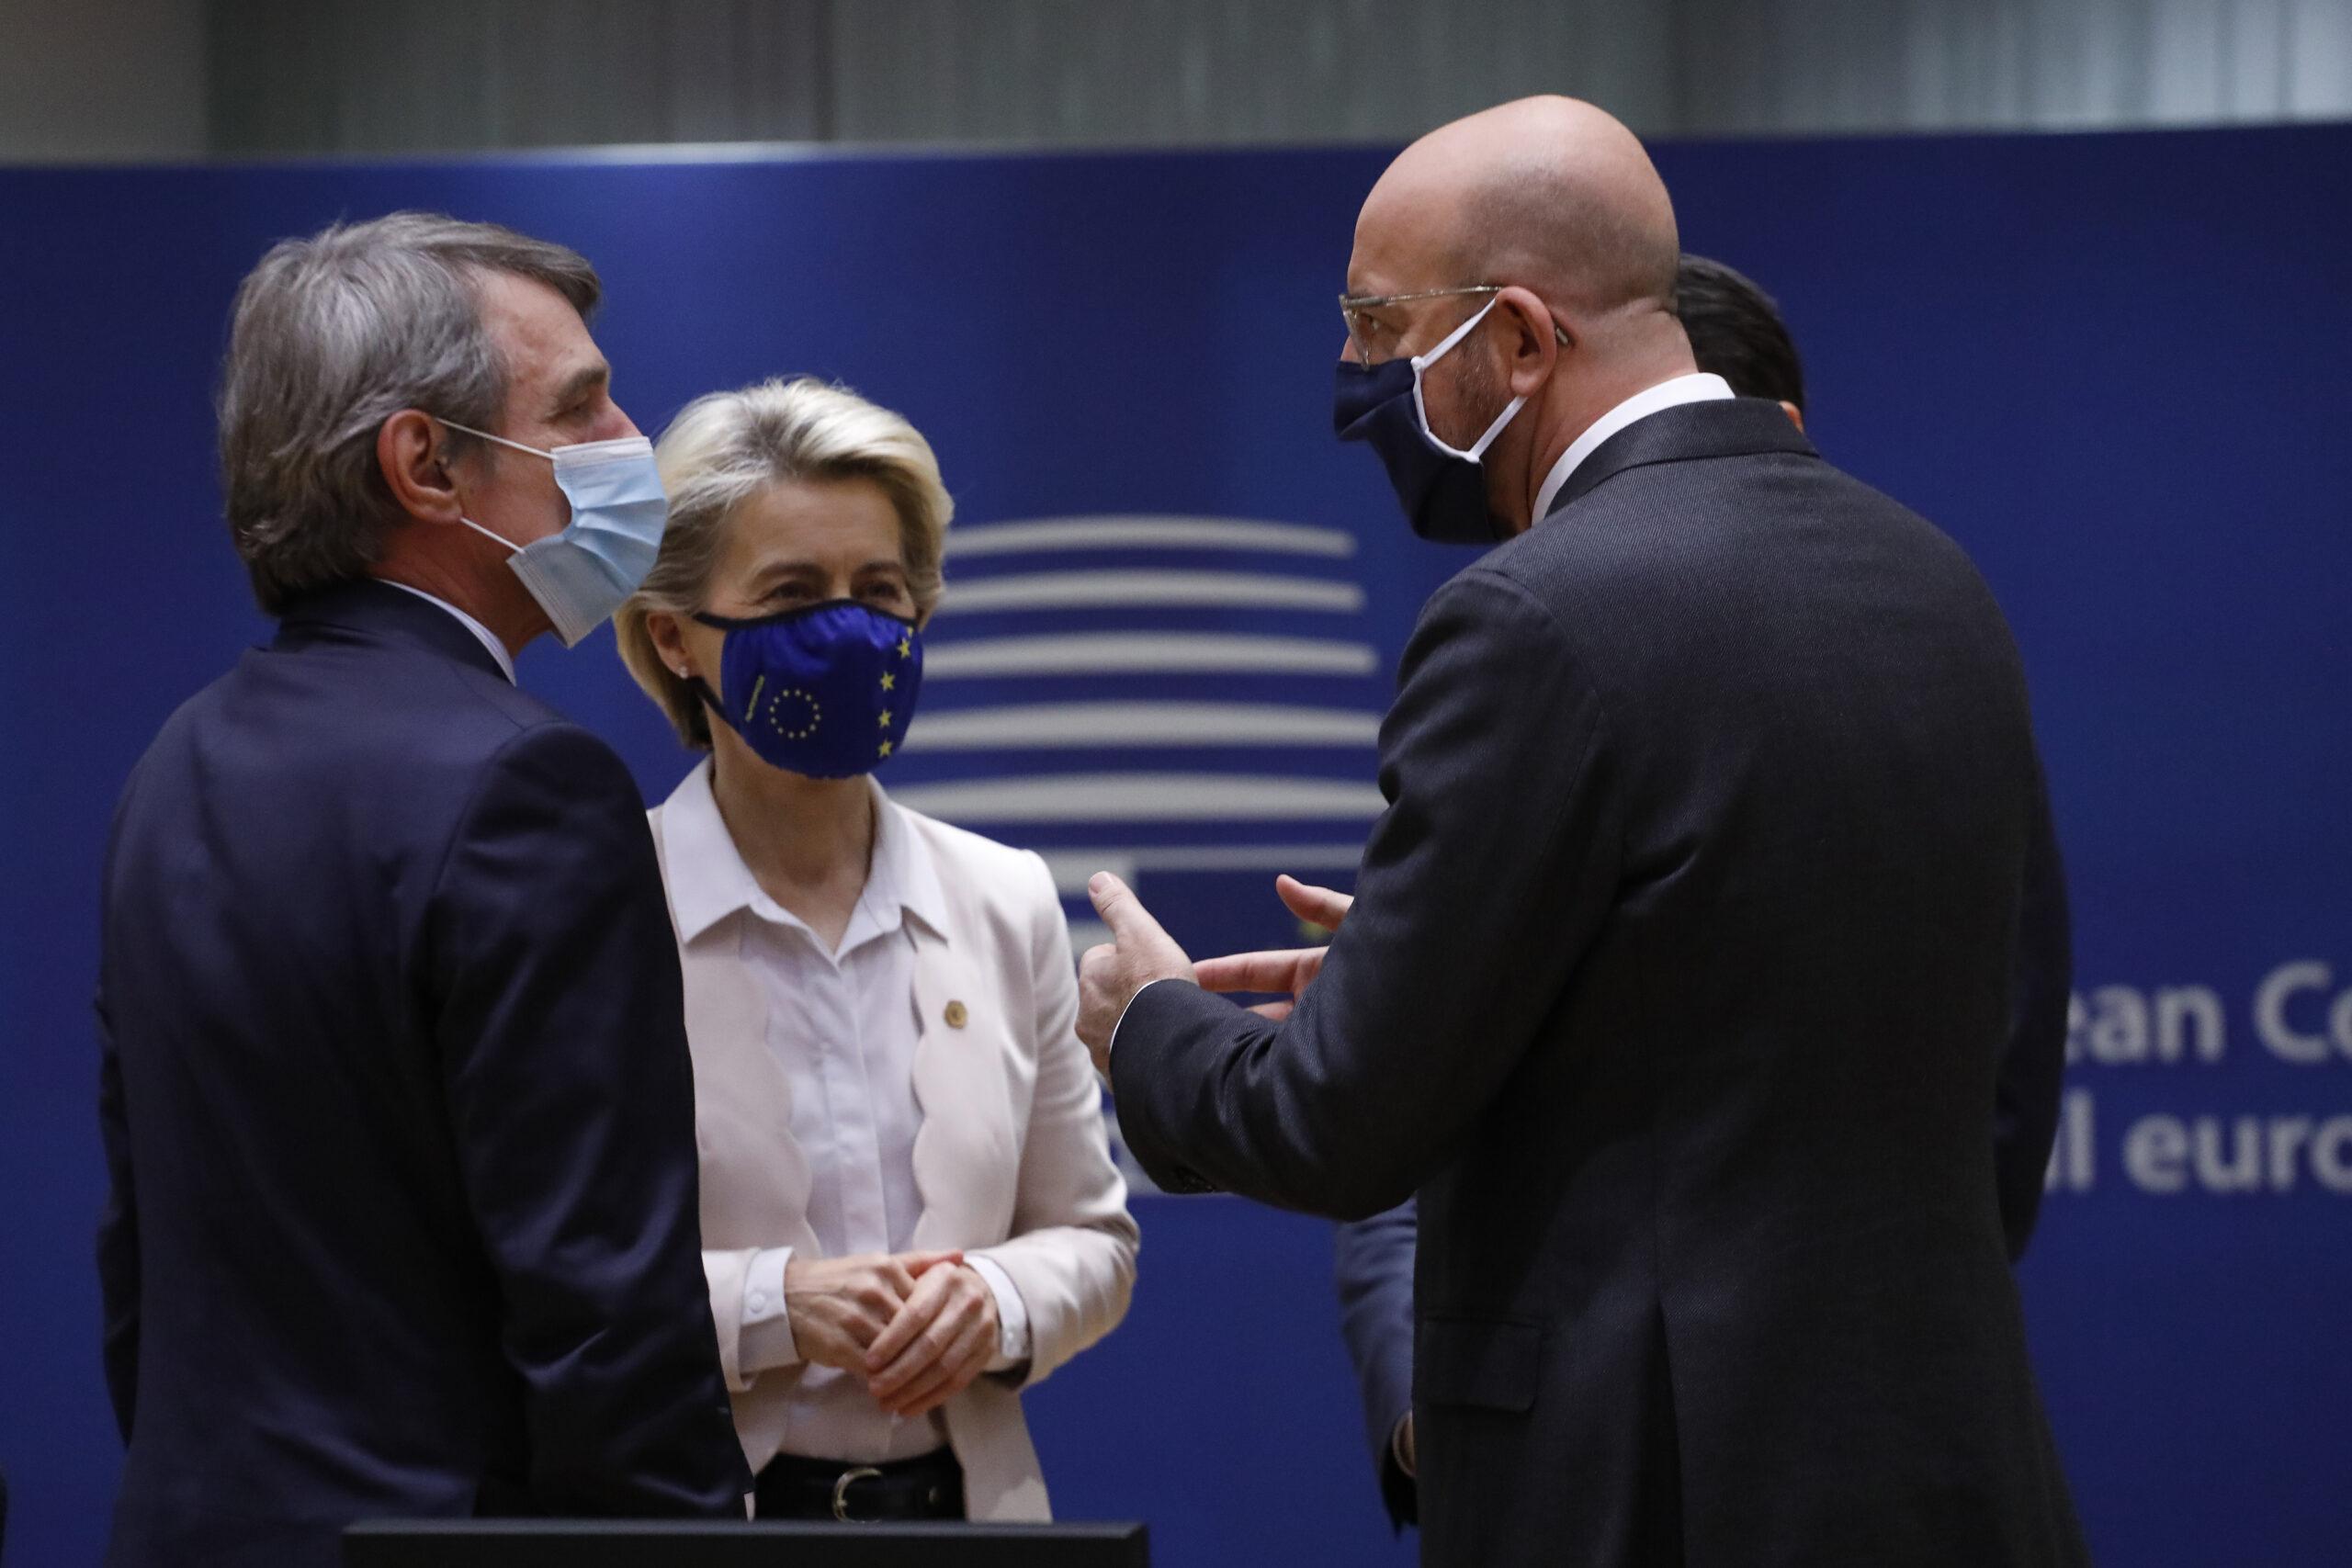 La presidenta de la Comissió, Ursula von der Leyen, del Consell, Charles Michel, i de l'Eurocambra, David Sassoli   ACN